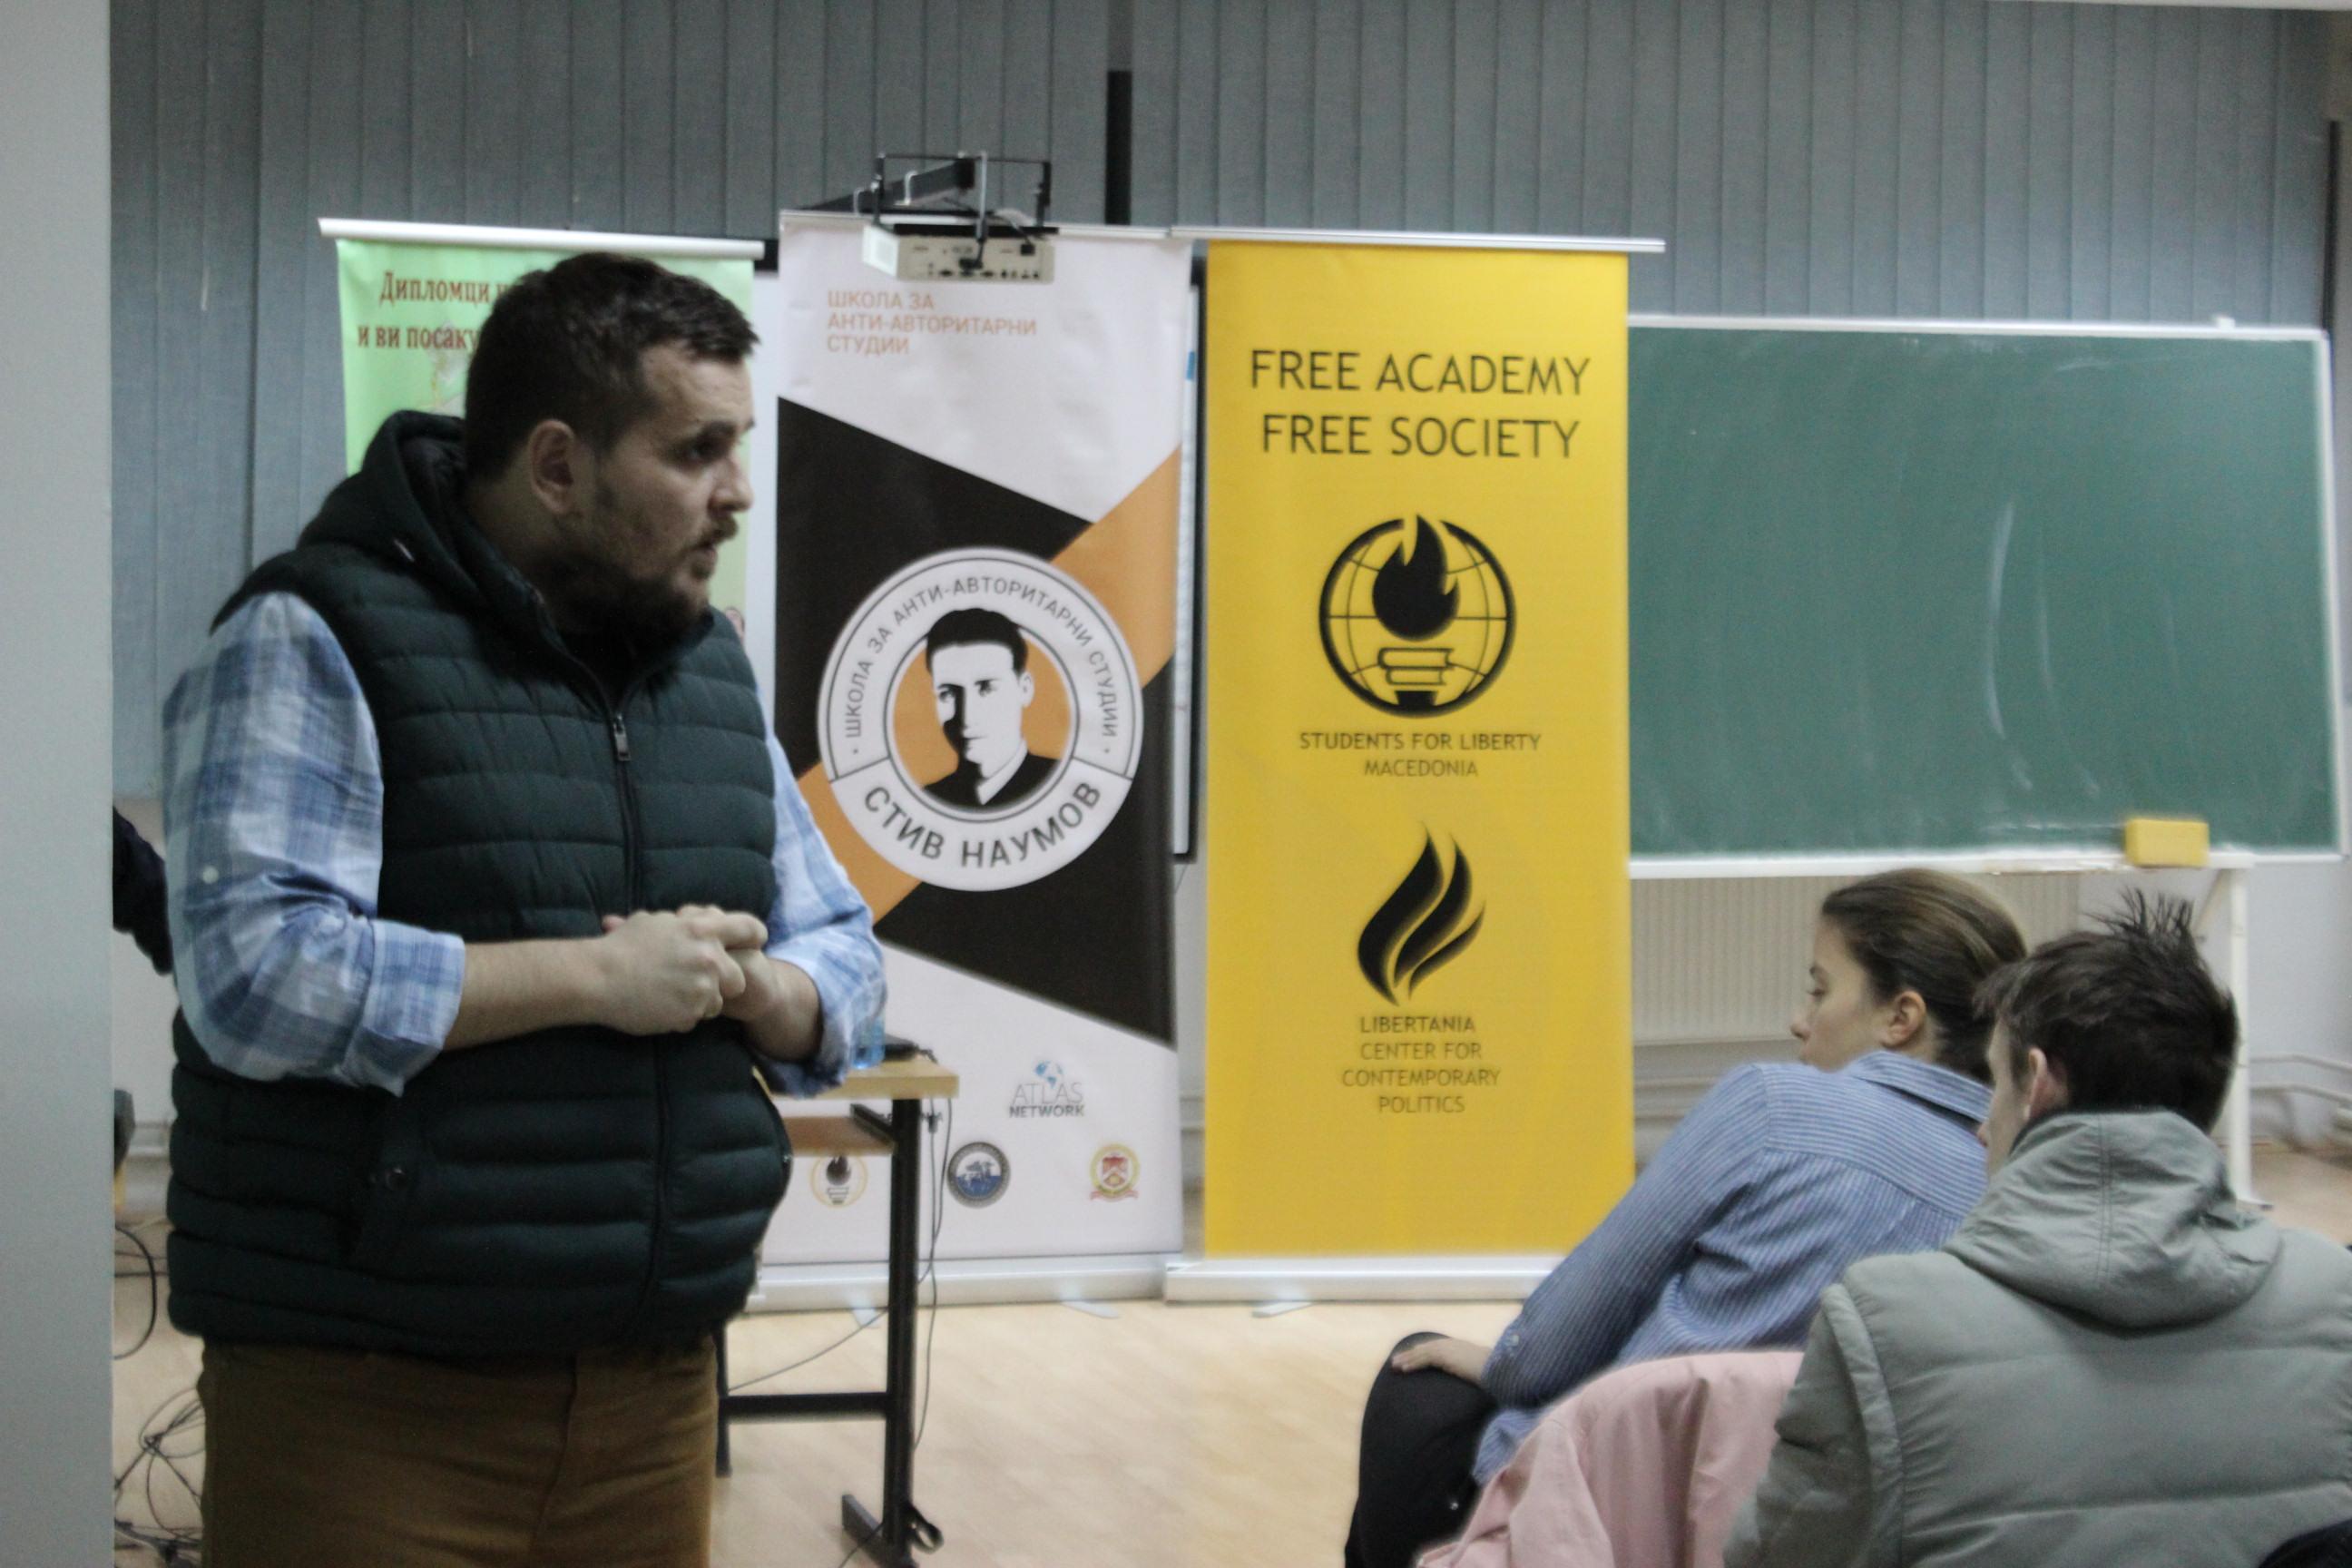 Мартин Стојановиќ со предавање на Школата за анти-авторитарни студии во Скопје